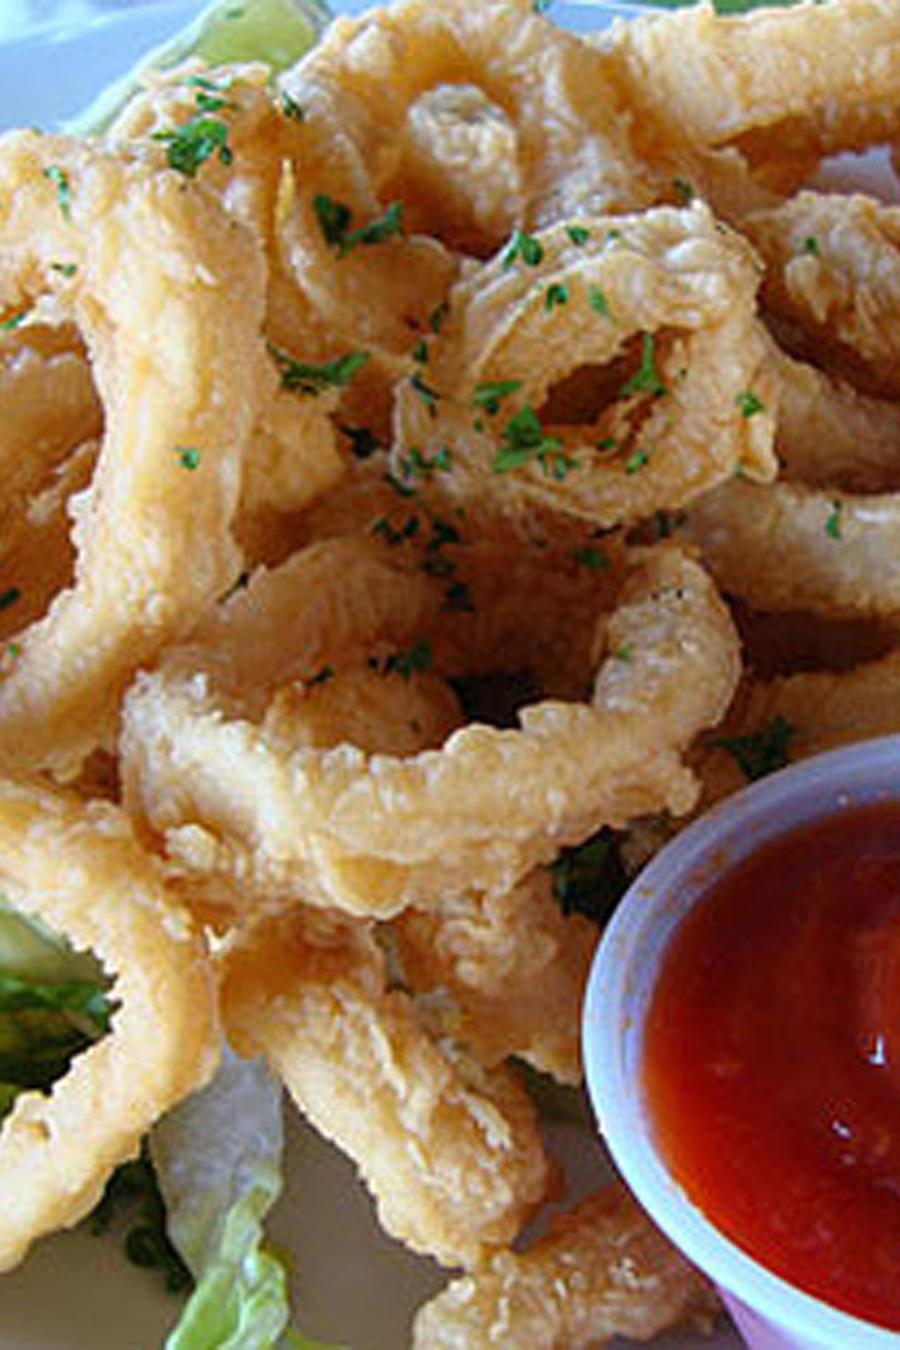 Consejos de cocina: Trucos para cocinar los mariscos